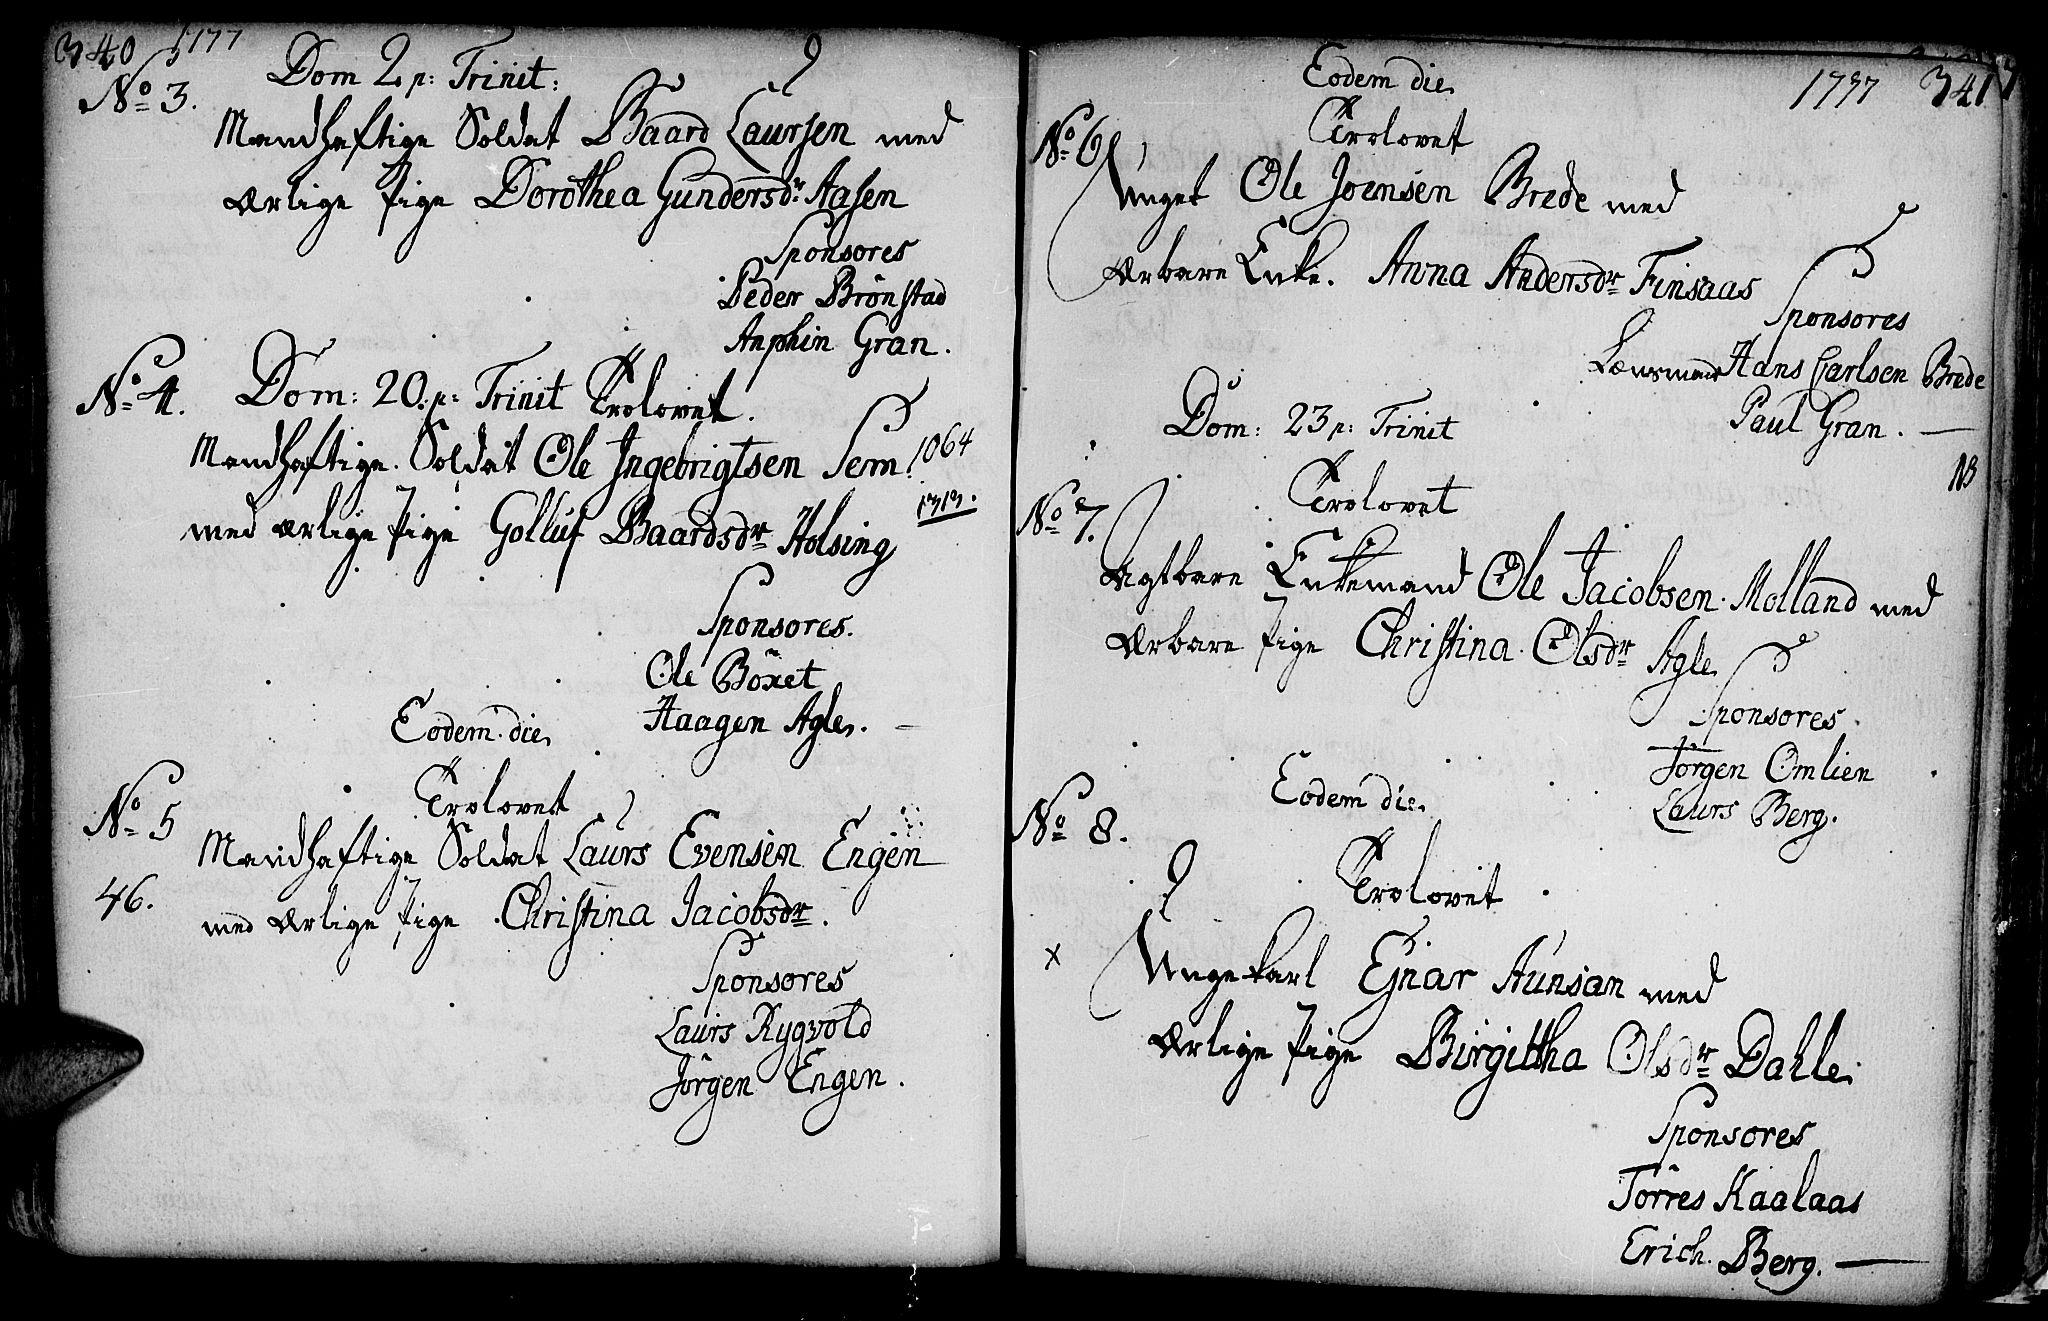 SAT, Ministerialprotokoller, klokkerbøker og fødselsregistre - Nord-Trøndelag, 749/L0467: Ministerialbok nr. 749A01, 1733-1787, s. 340-341